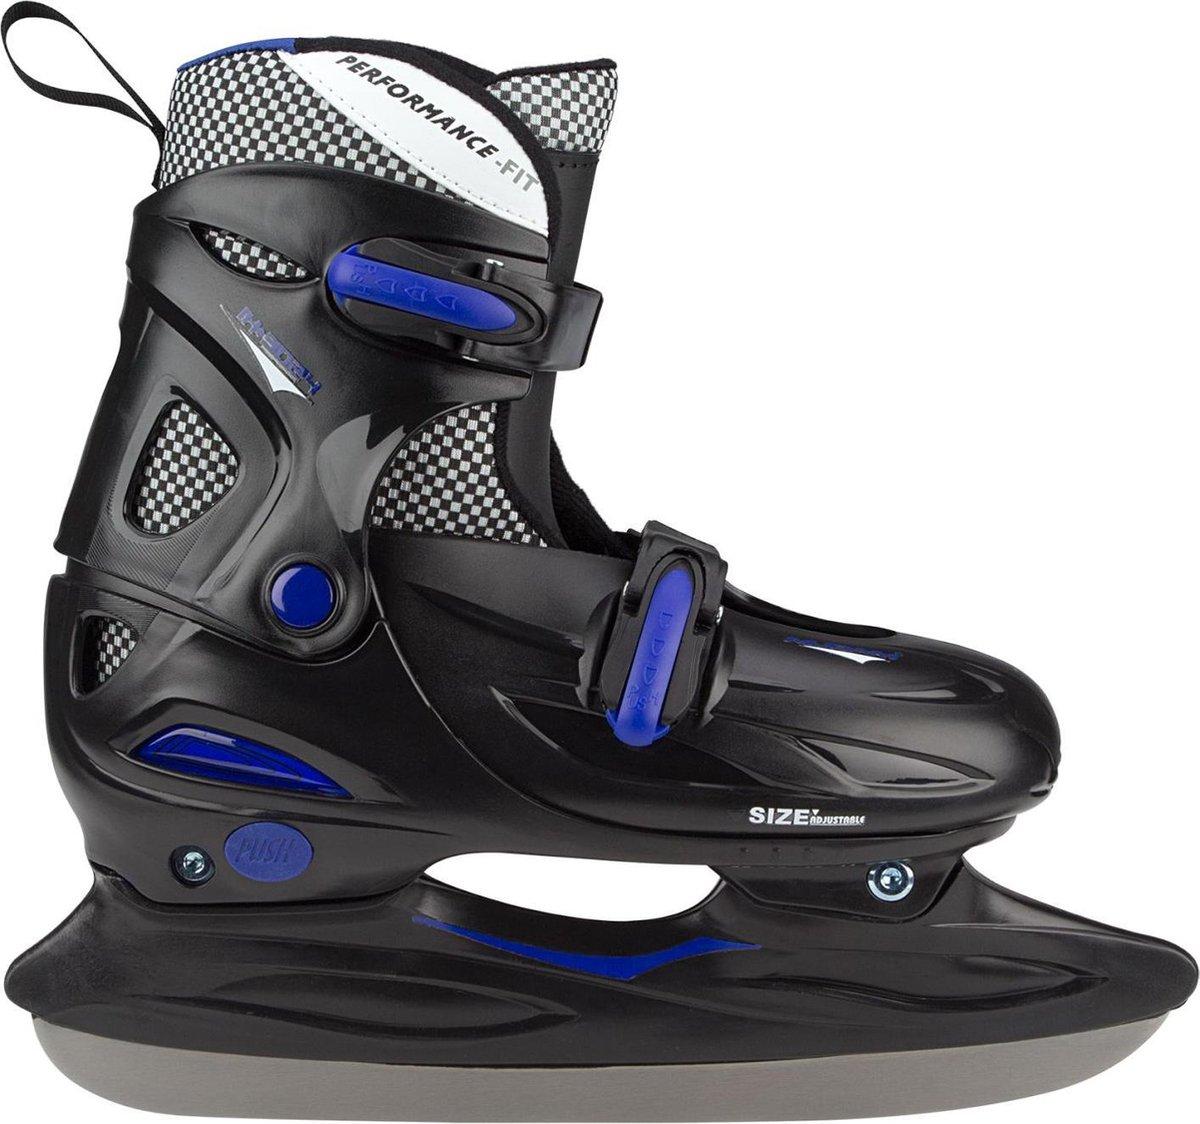 Nijdam Junior IJshockeyschaats - Verstelbaar - Hardboot - Zwart/Blauw - Maat 34-37